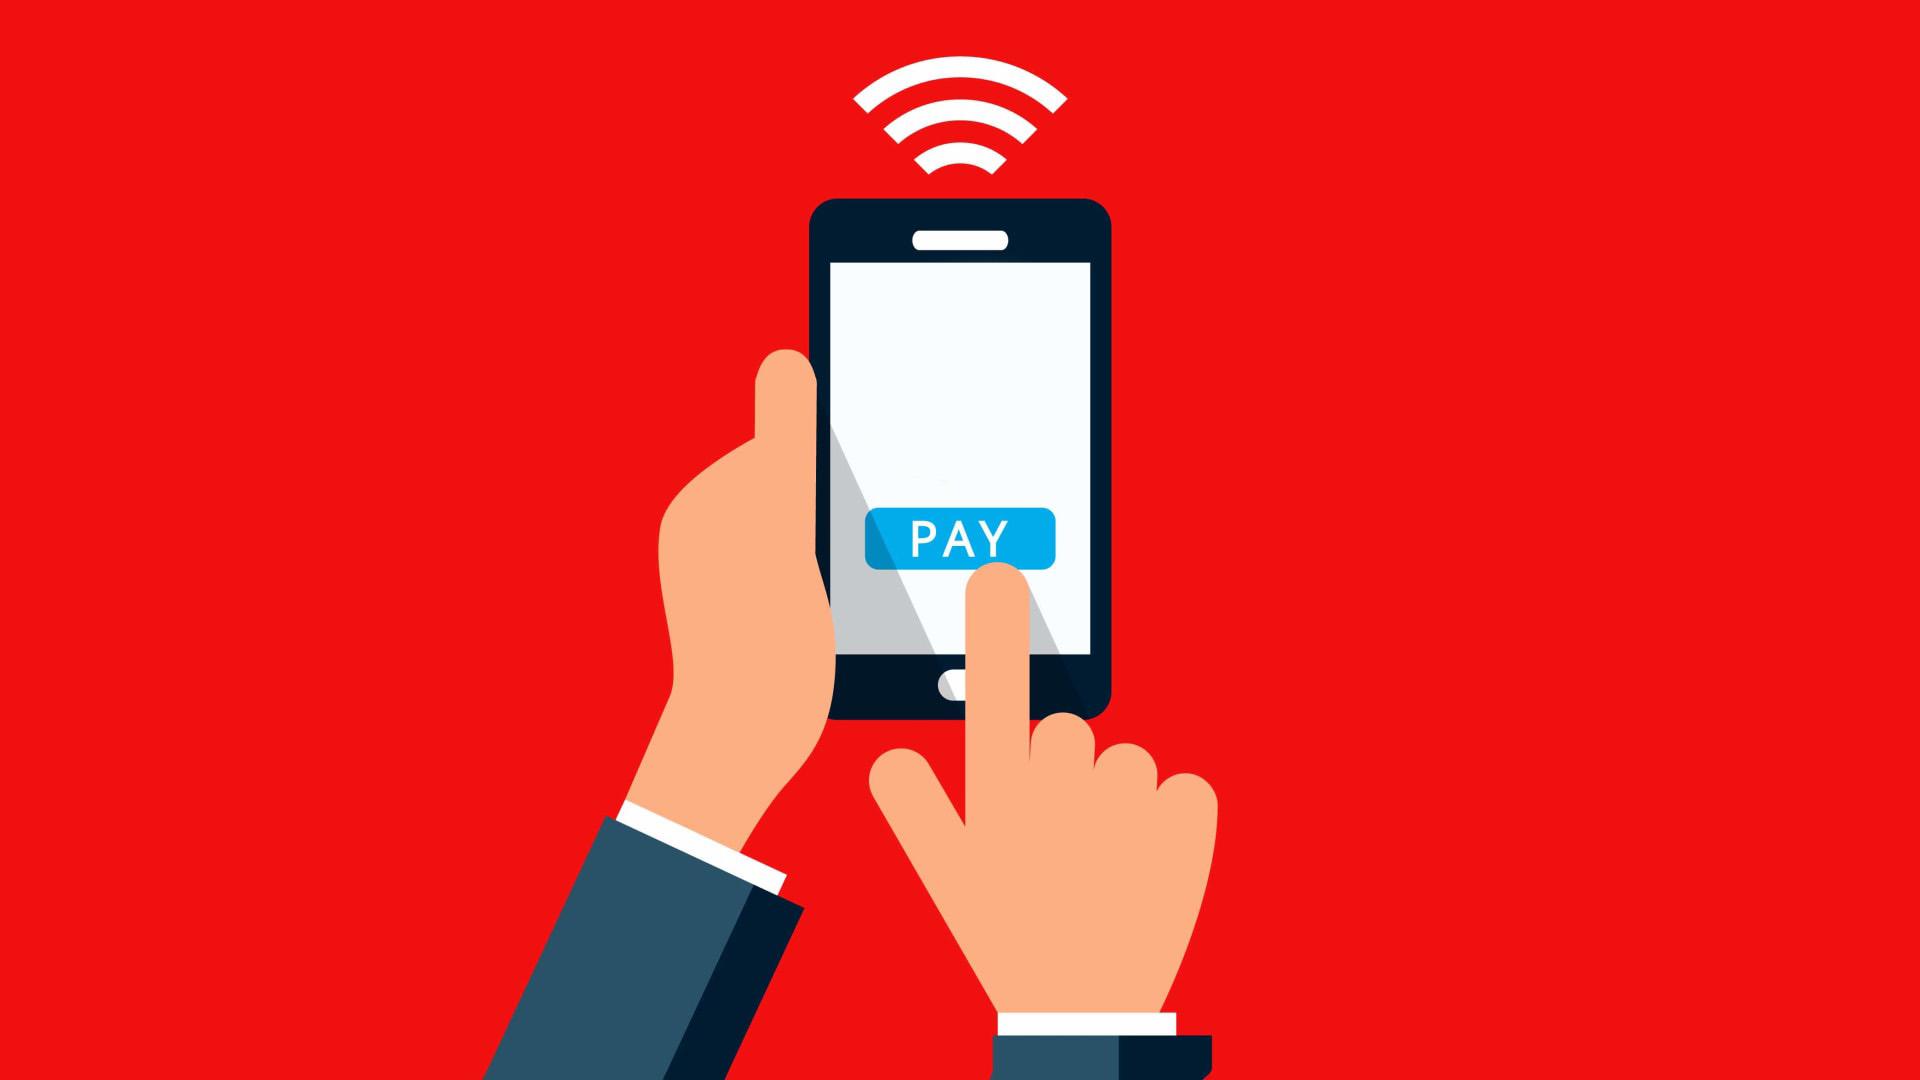 Как в ростелекоме узнать, сколько нужно платить за интернет